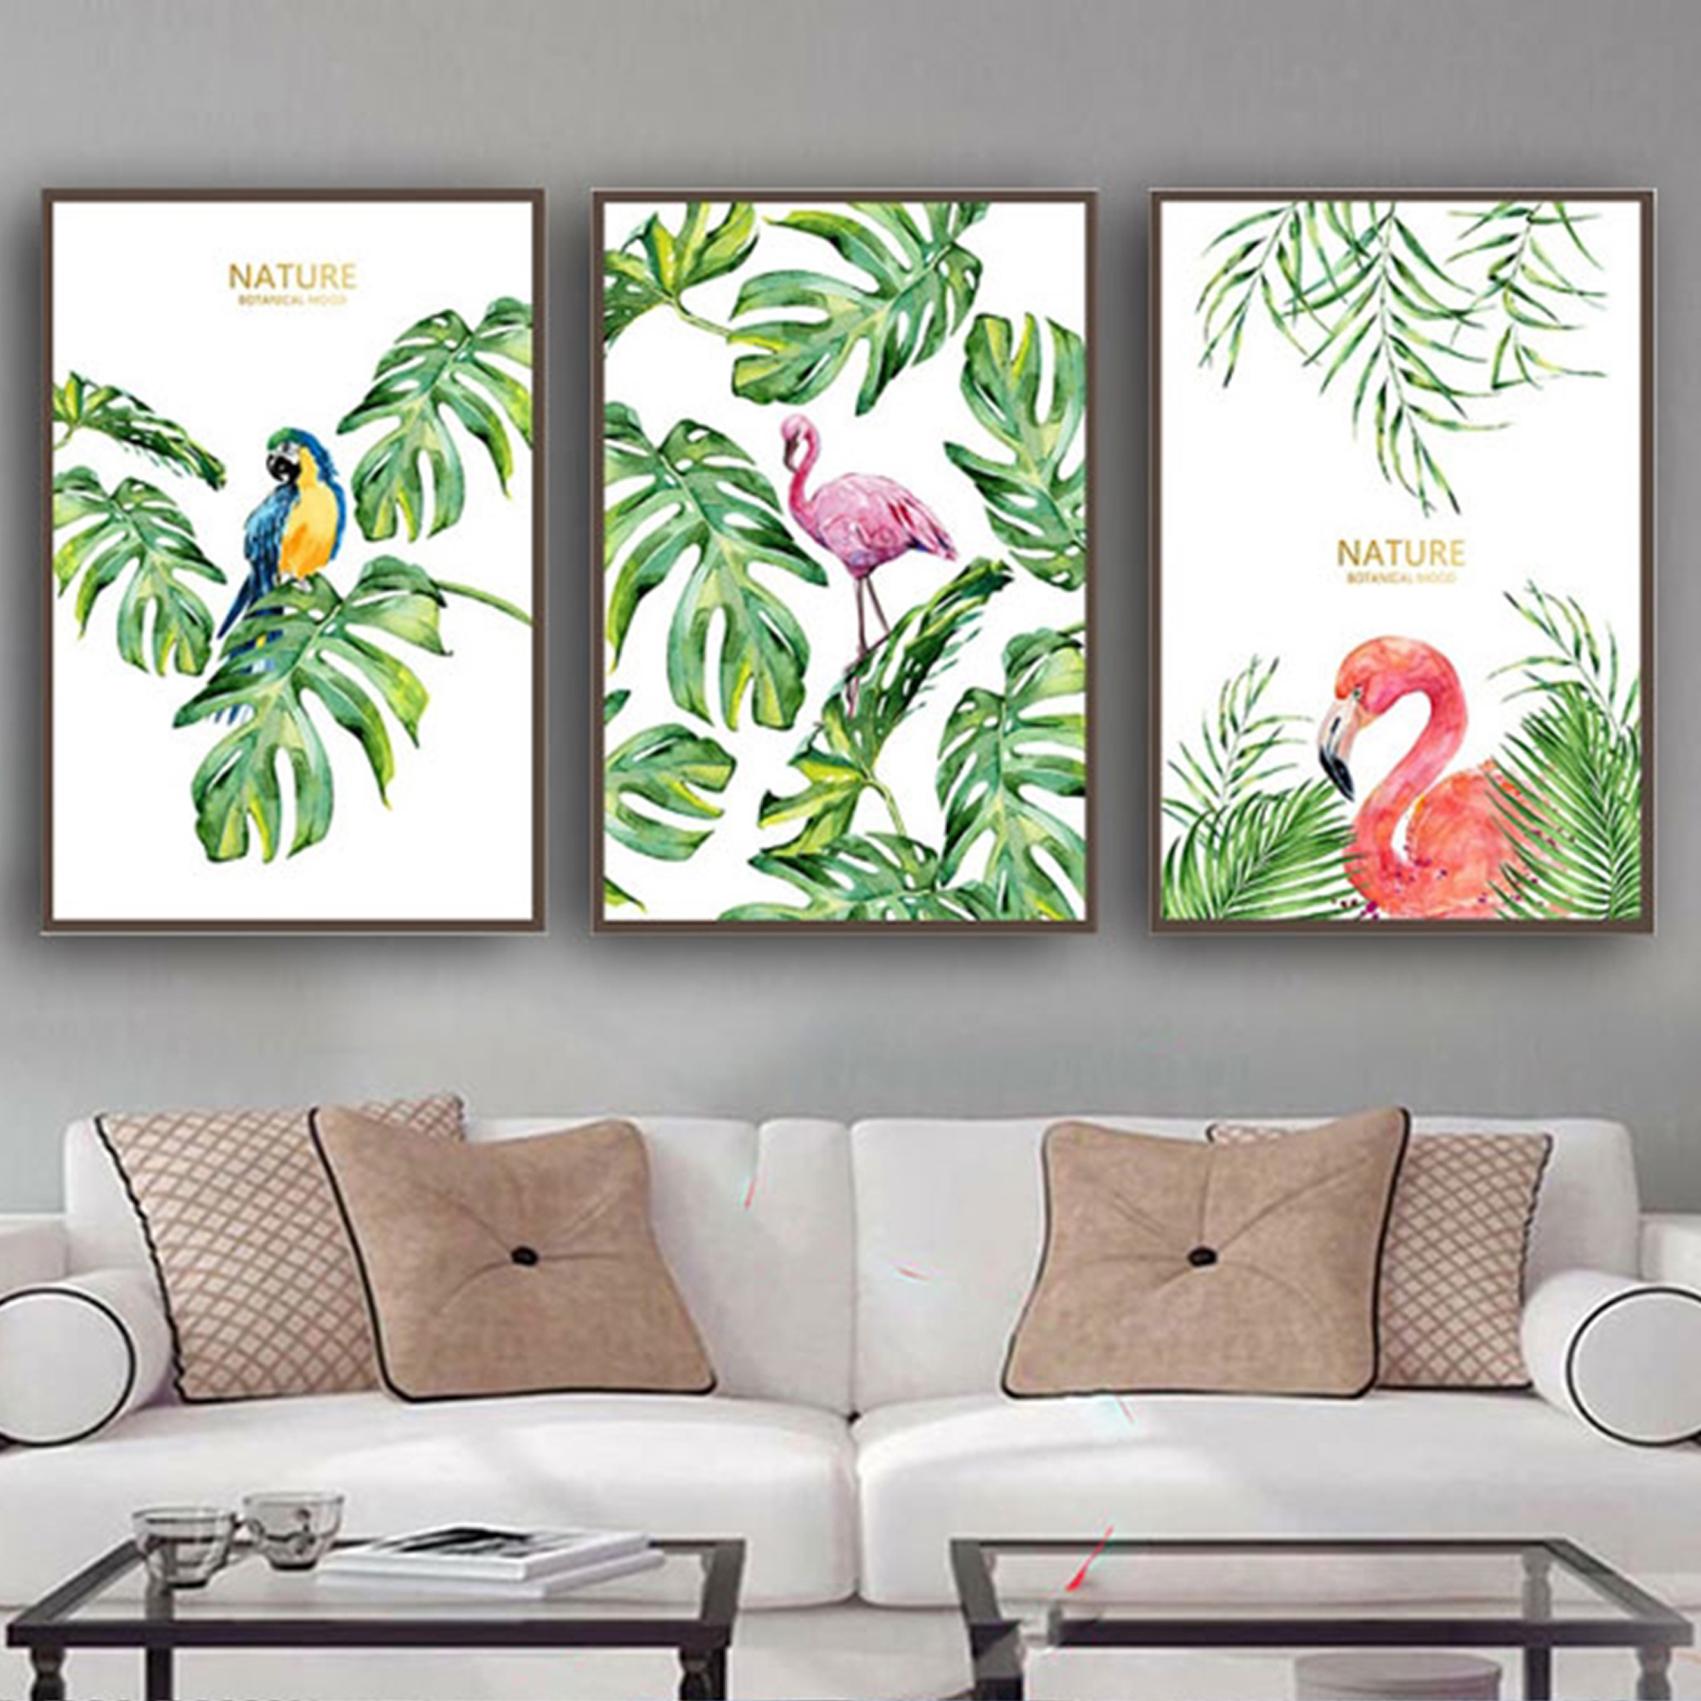 Tranh Canvas Treo Tường Hiện Đại _ Tranh Bộ 3 Chim Và Hoa Đẹp